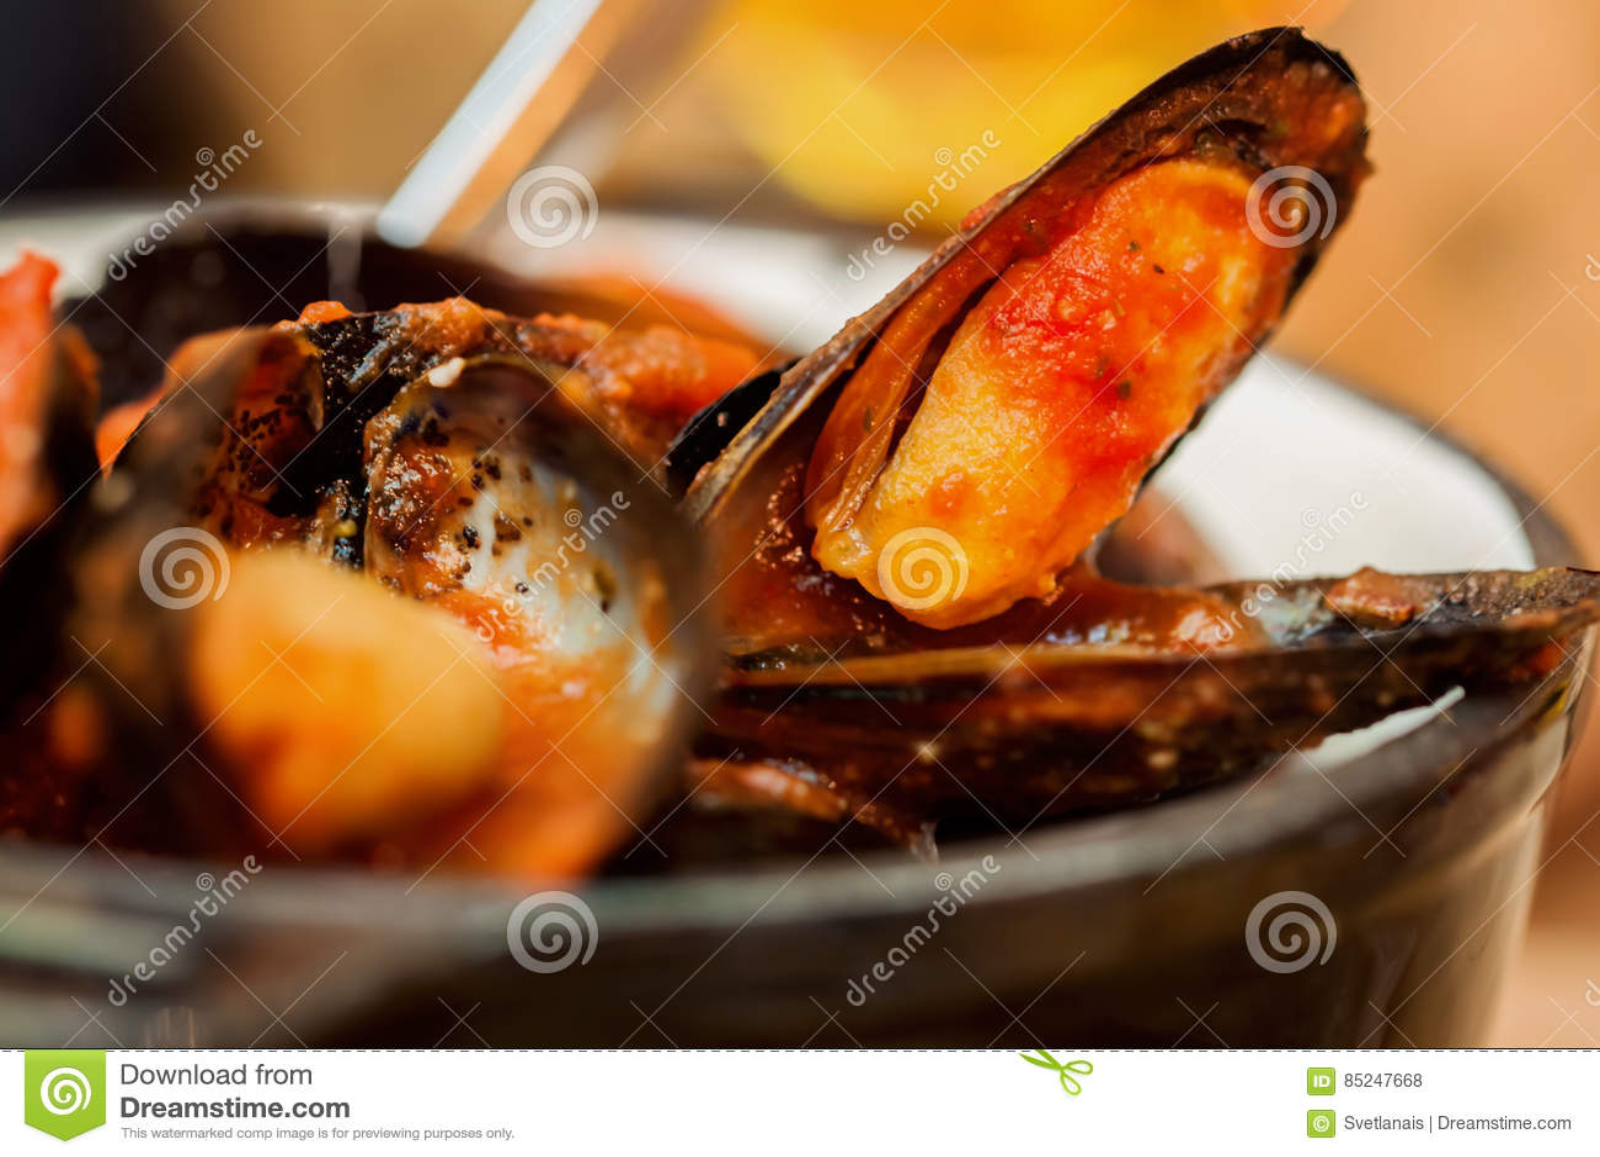 the best attitude 462b2 d1ea0 Los mejillones cocidos al vapor frescos de los mariscos en tomate e hierbas  sauce